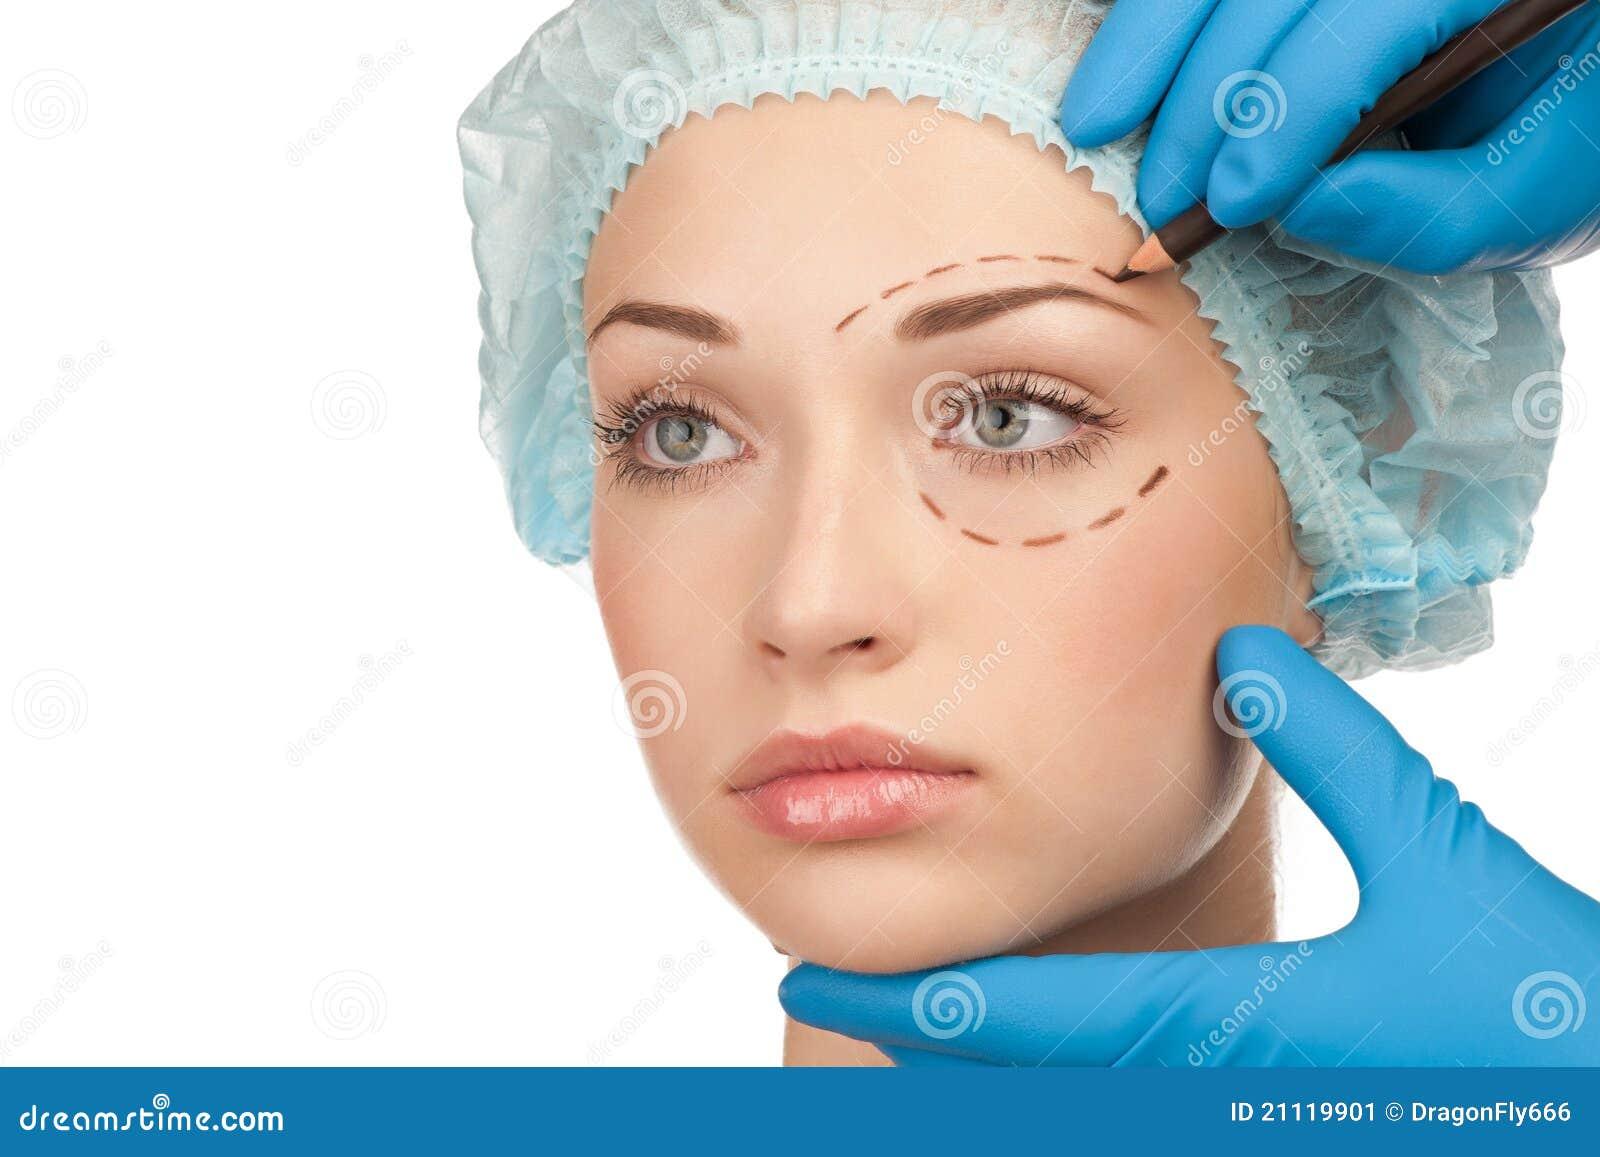 Gezicht vóór plastische chirurgieverrichting